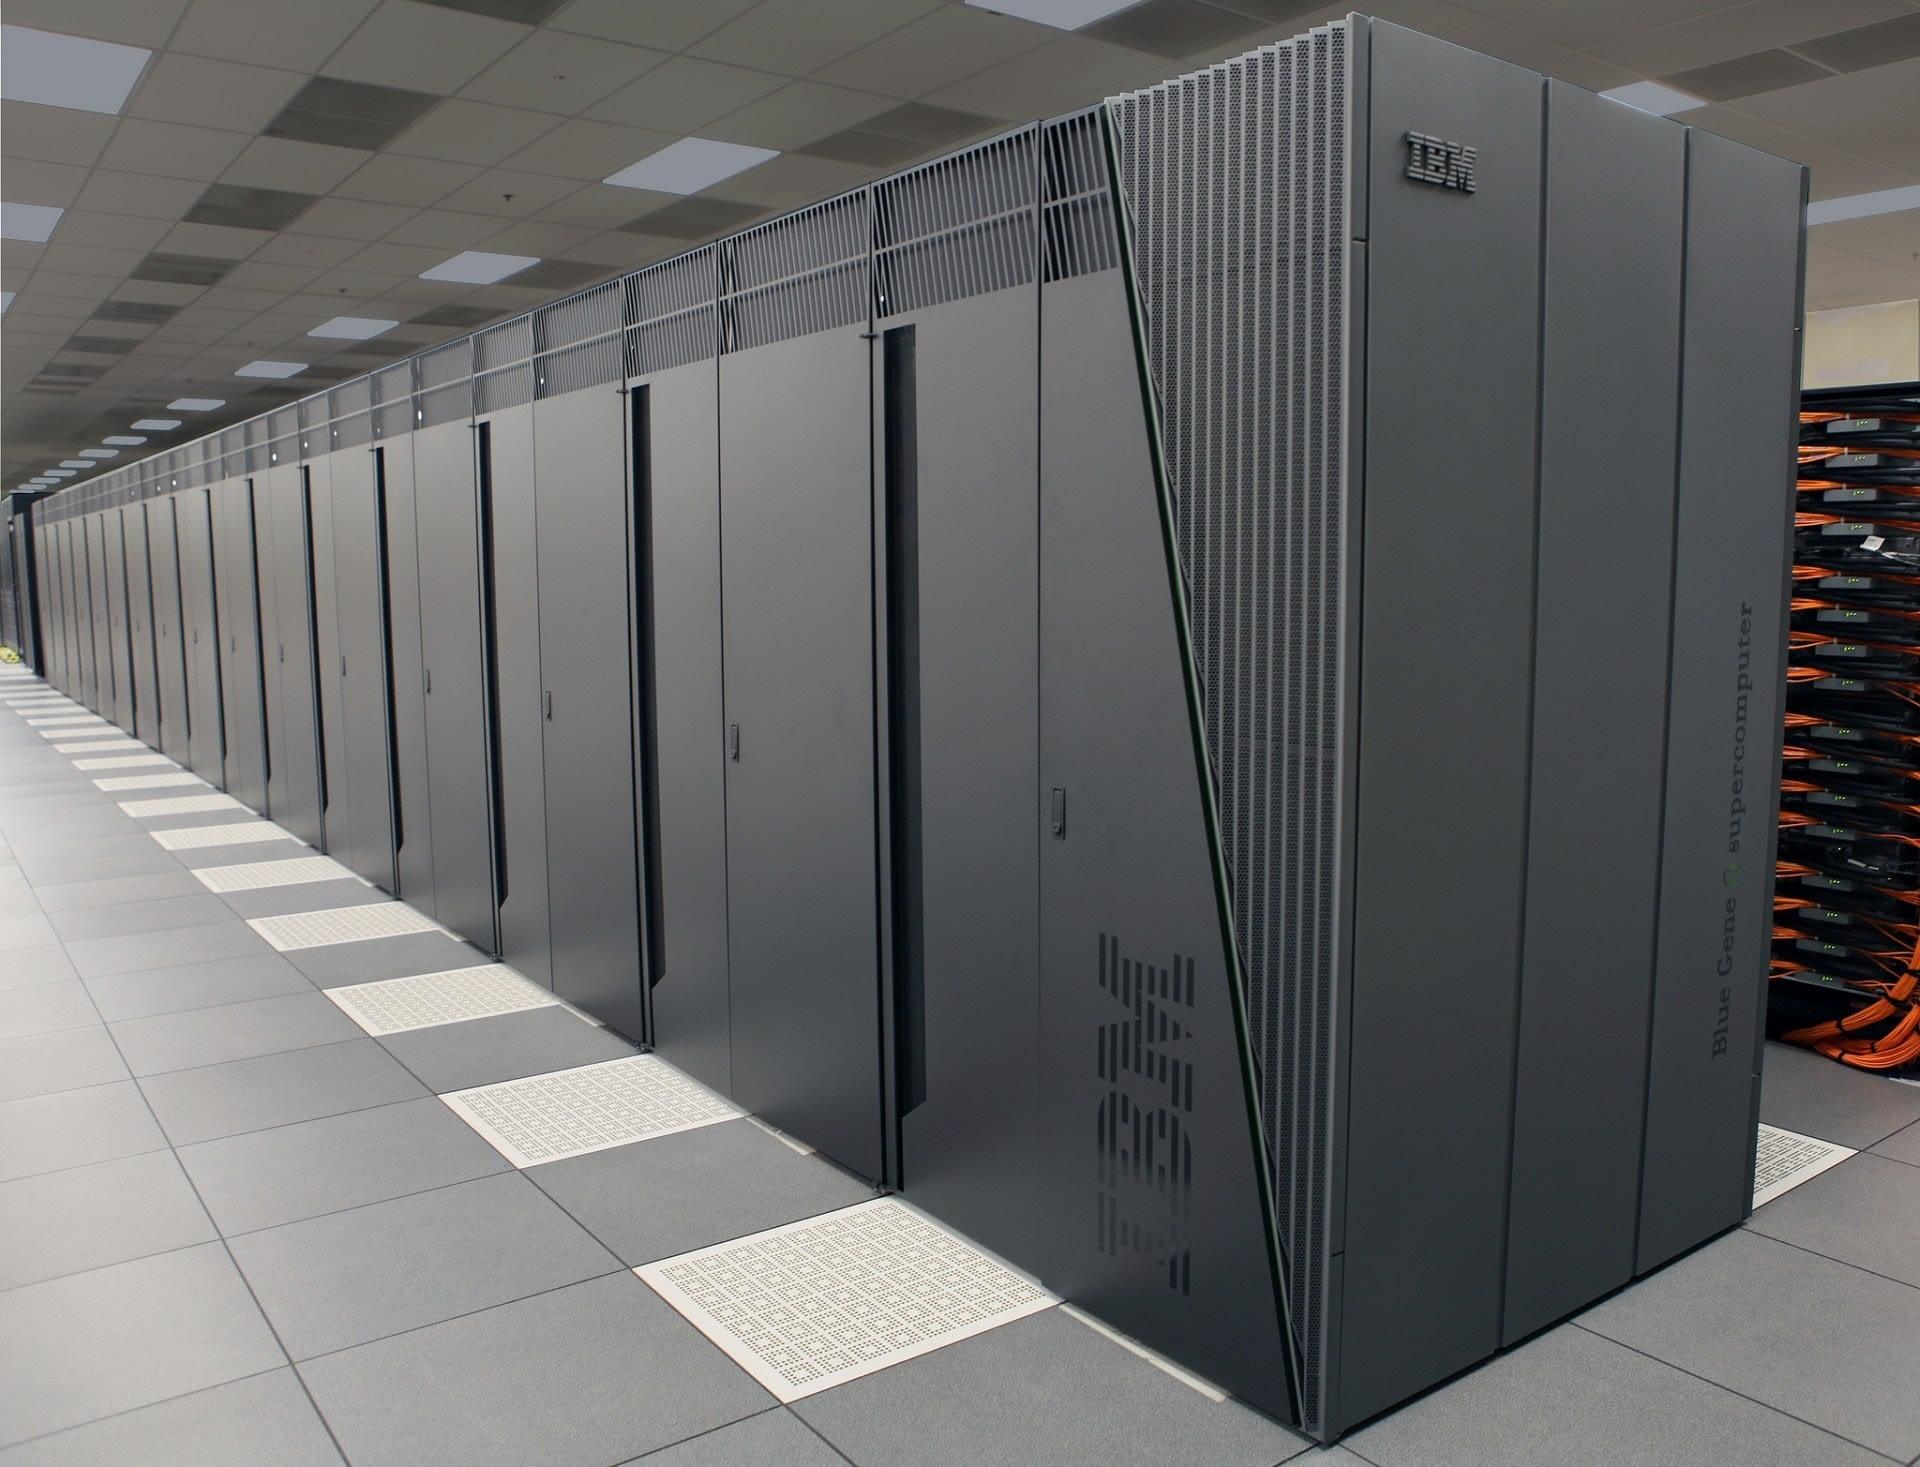 big server computers